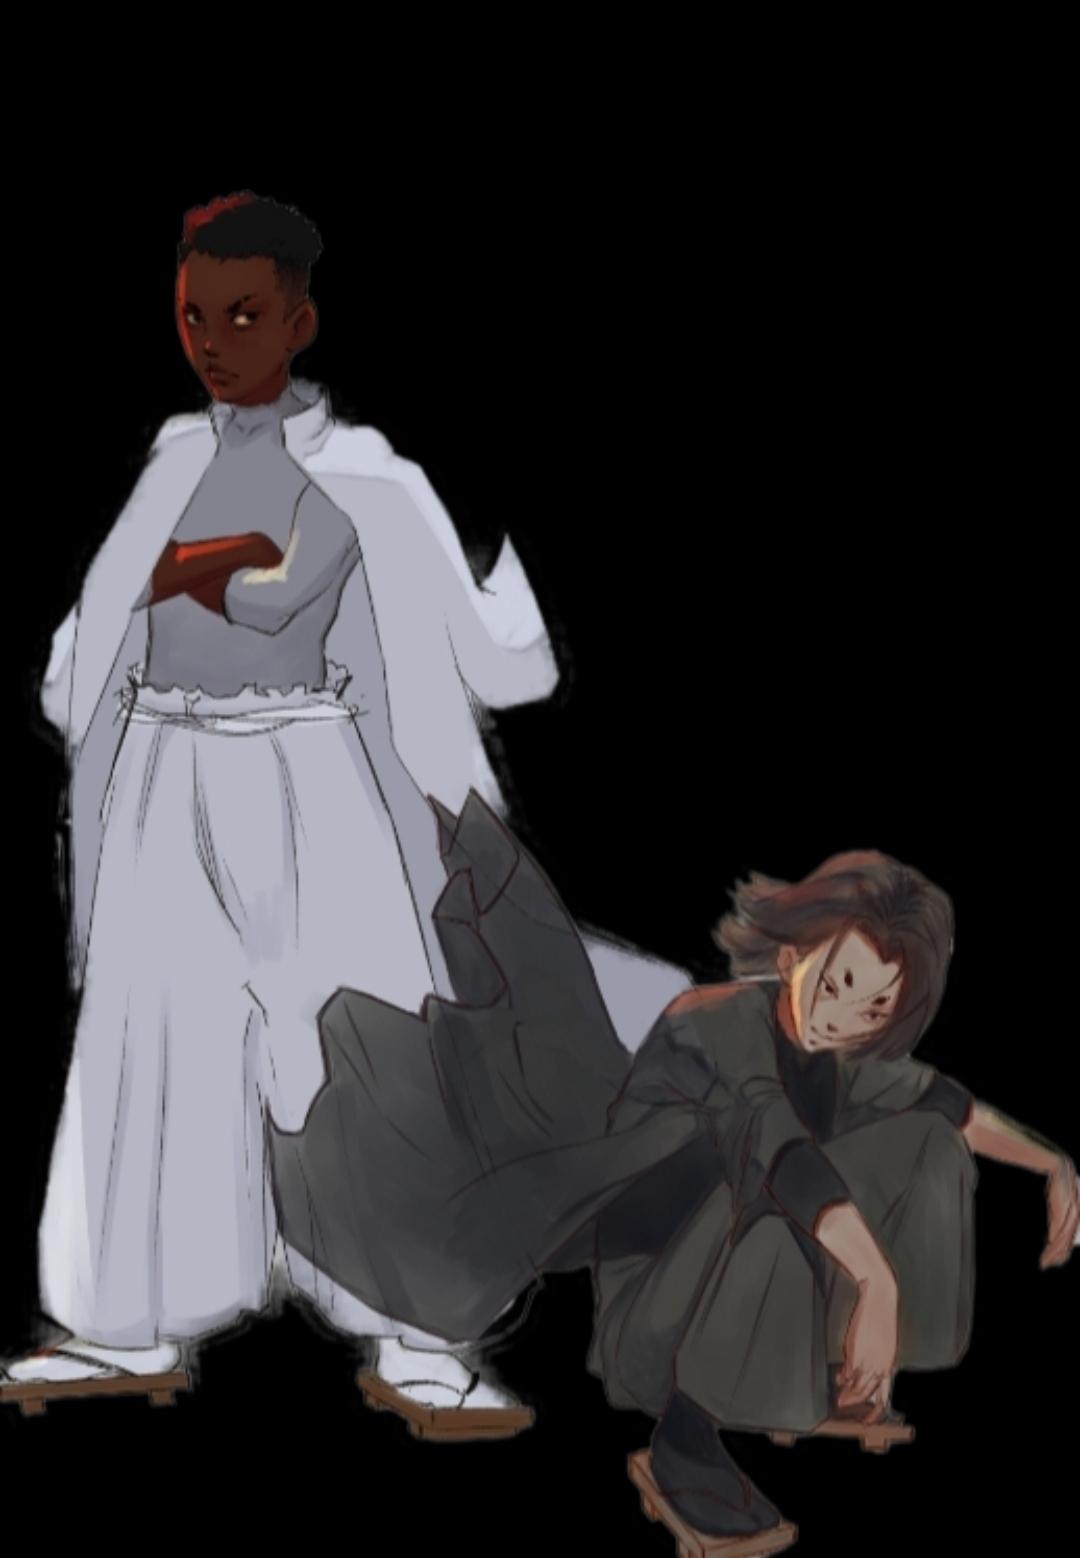 Ven and Shinlo